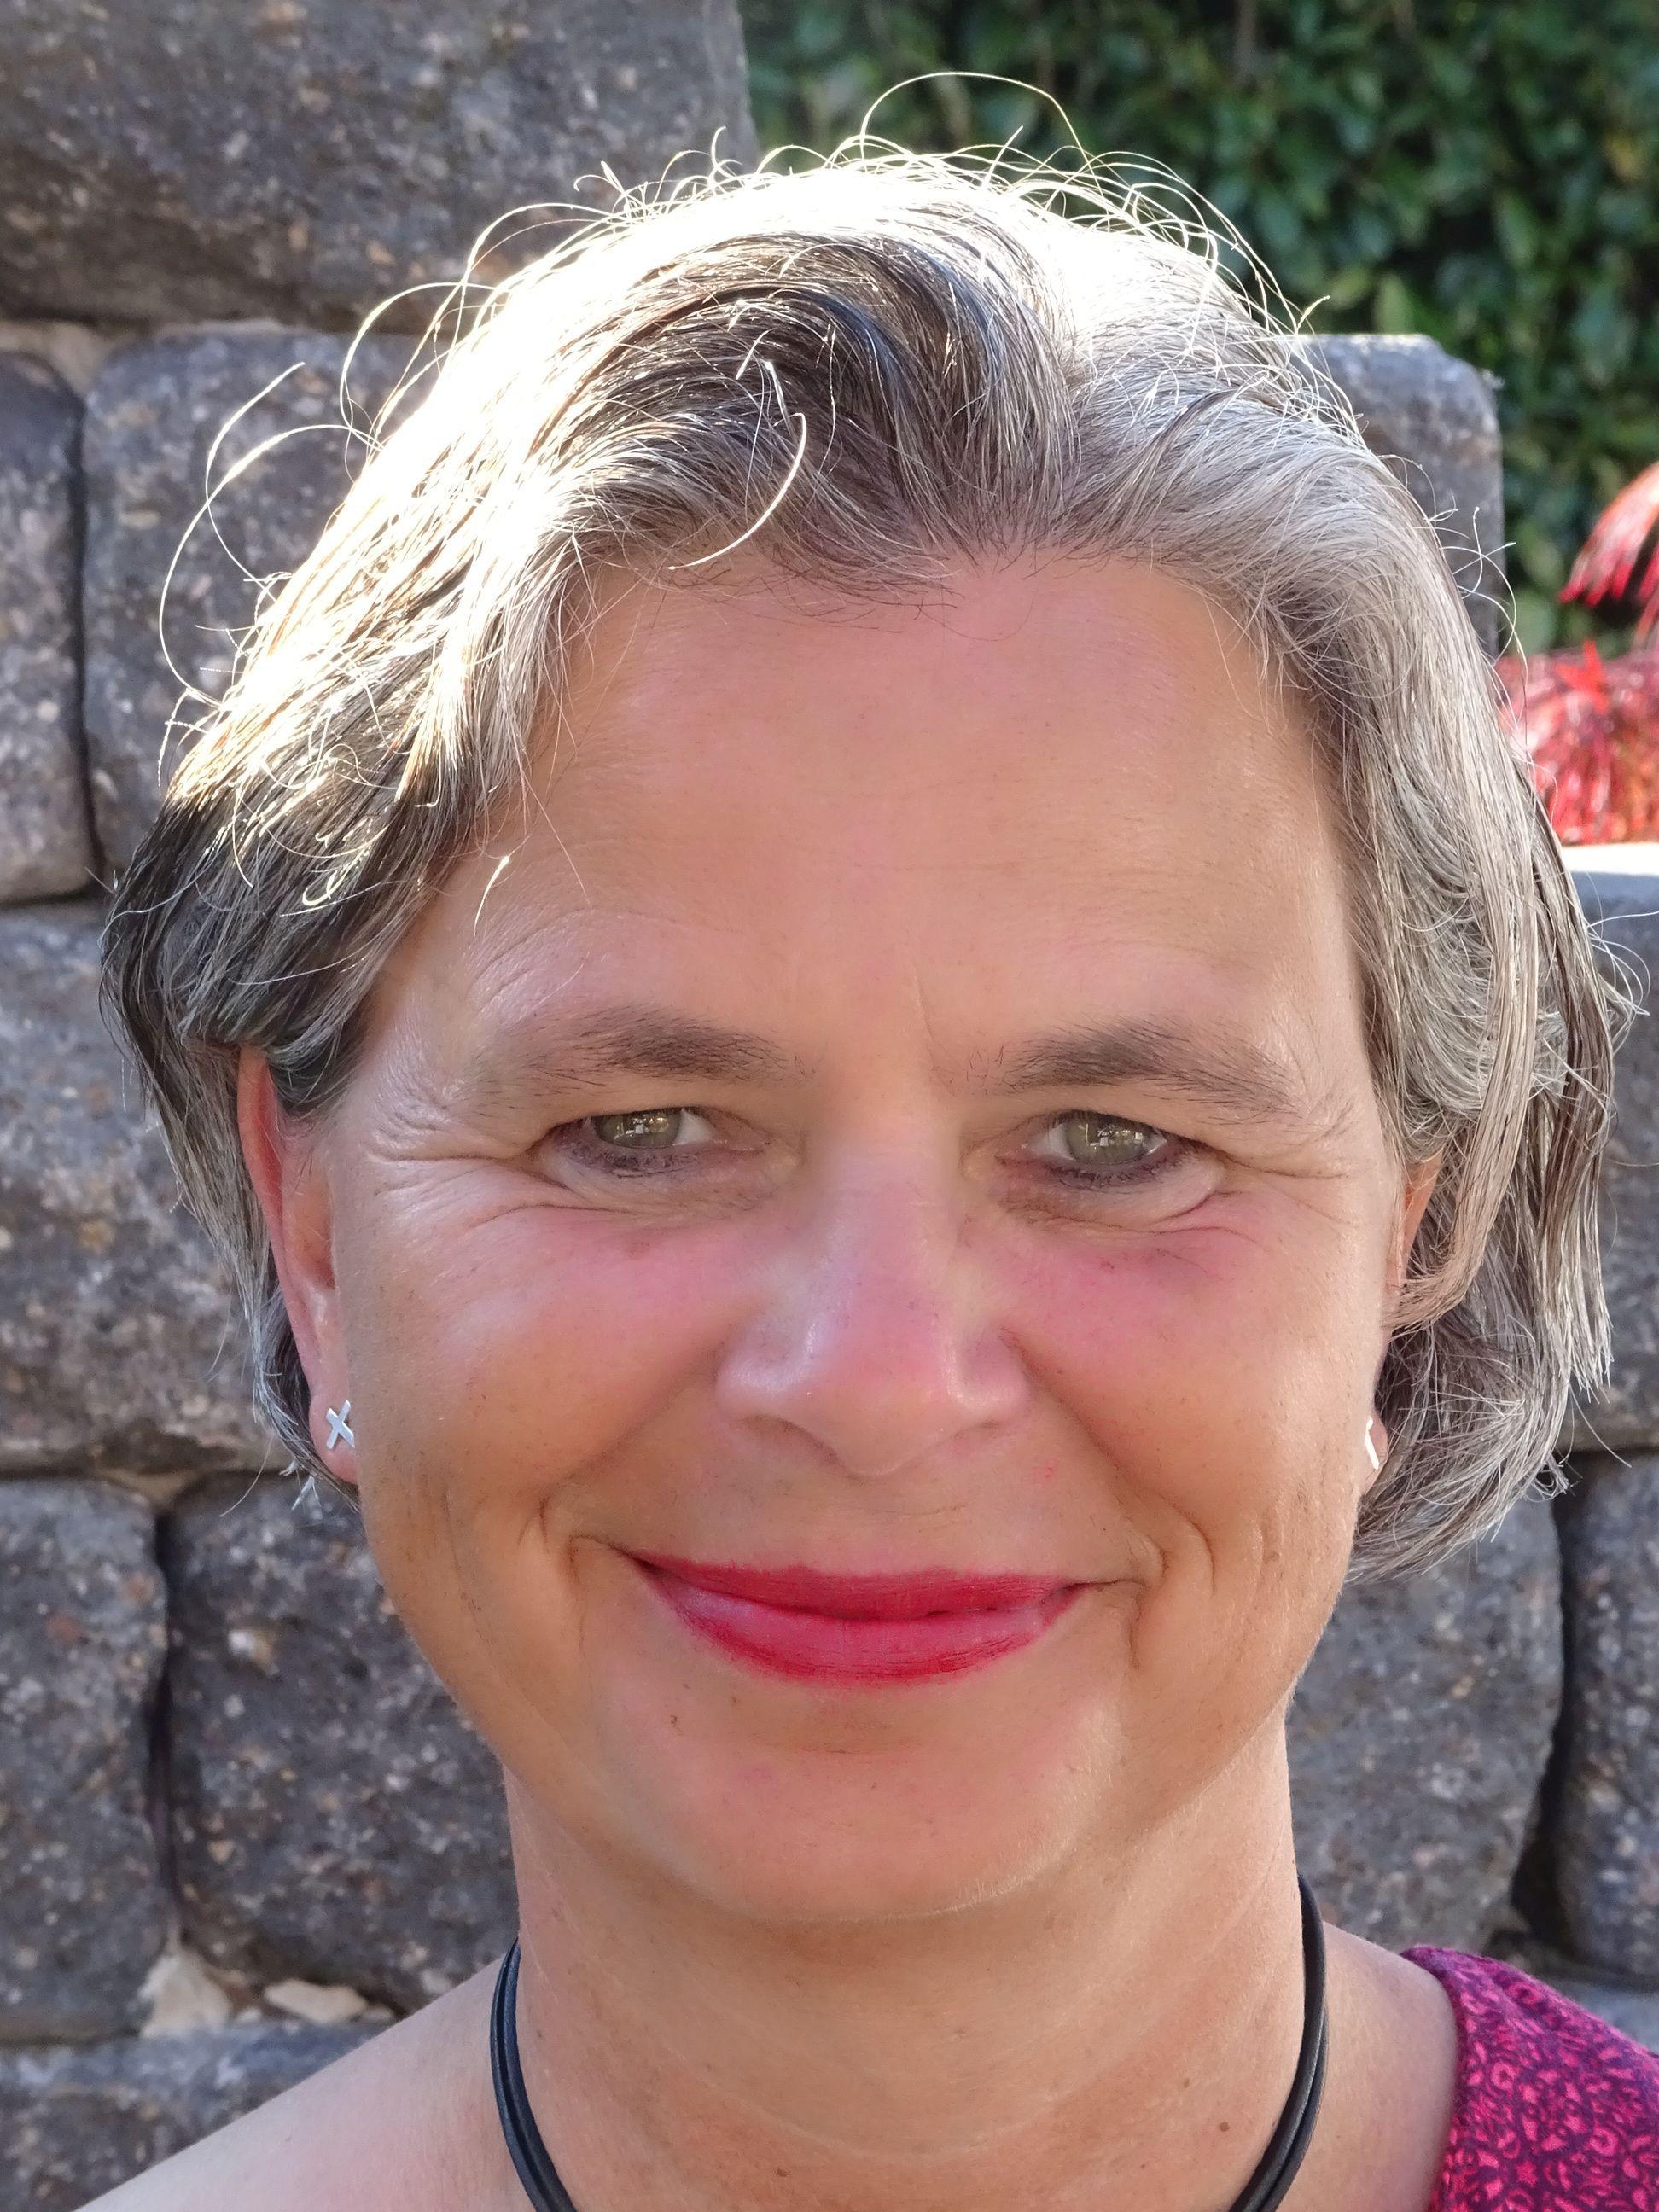 Bettina Lichtner Echt Oldenburg Das Fotoprojekt